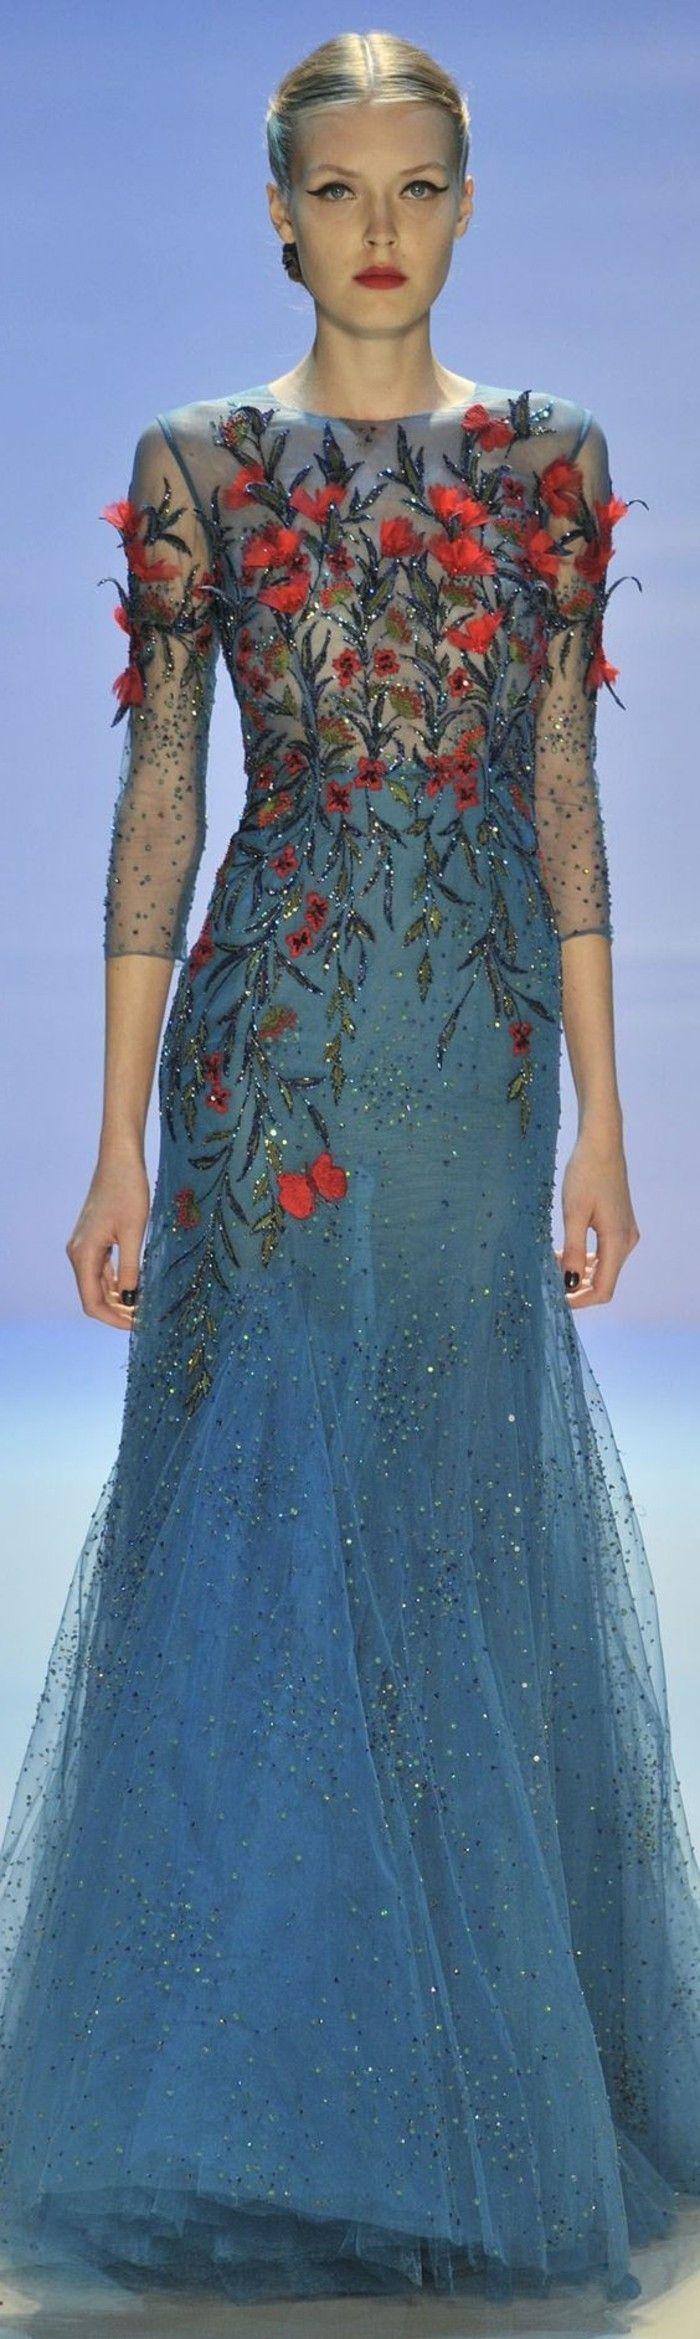 Elegante Kleider für Ihre besondere Anlässe (mit Bildern ...